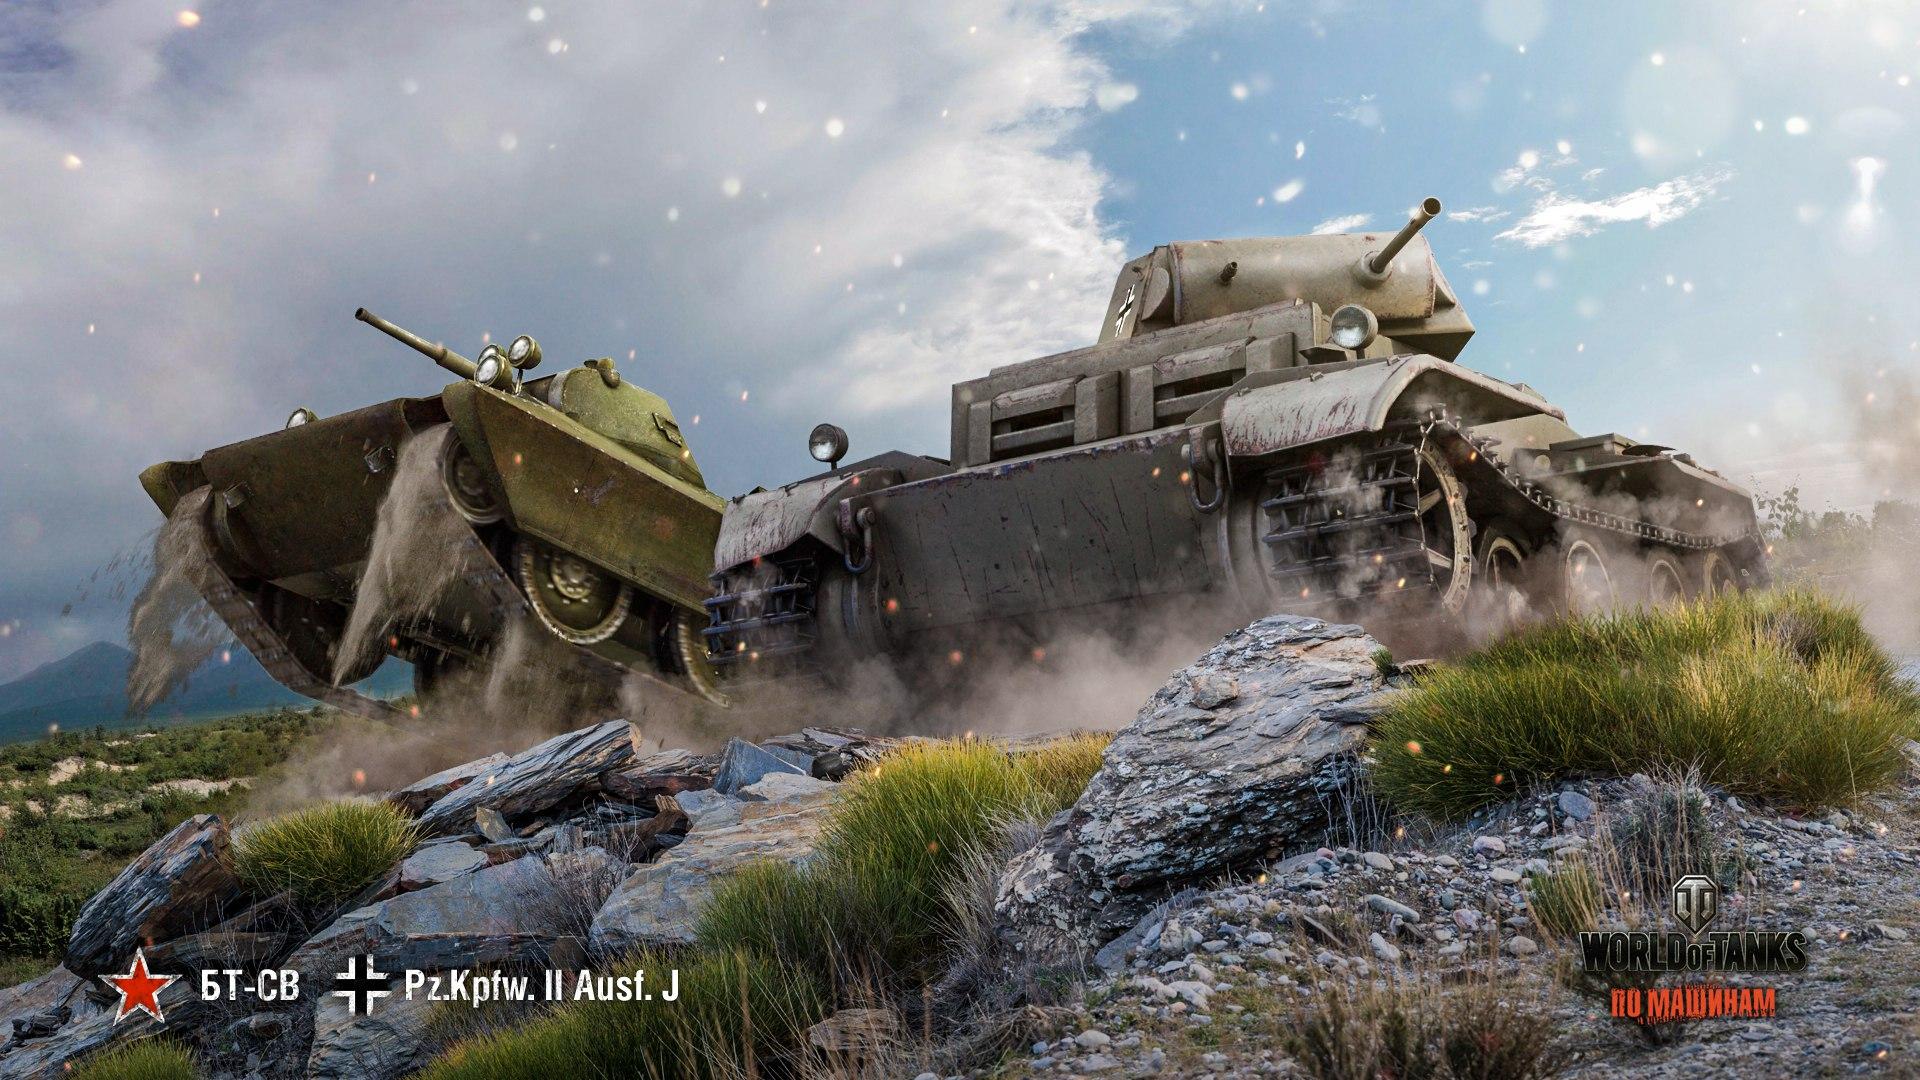 рисунок БТ-СВ и Pz.Kpfw. II Ausf. J